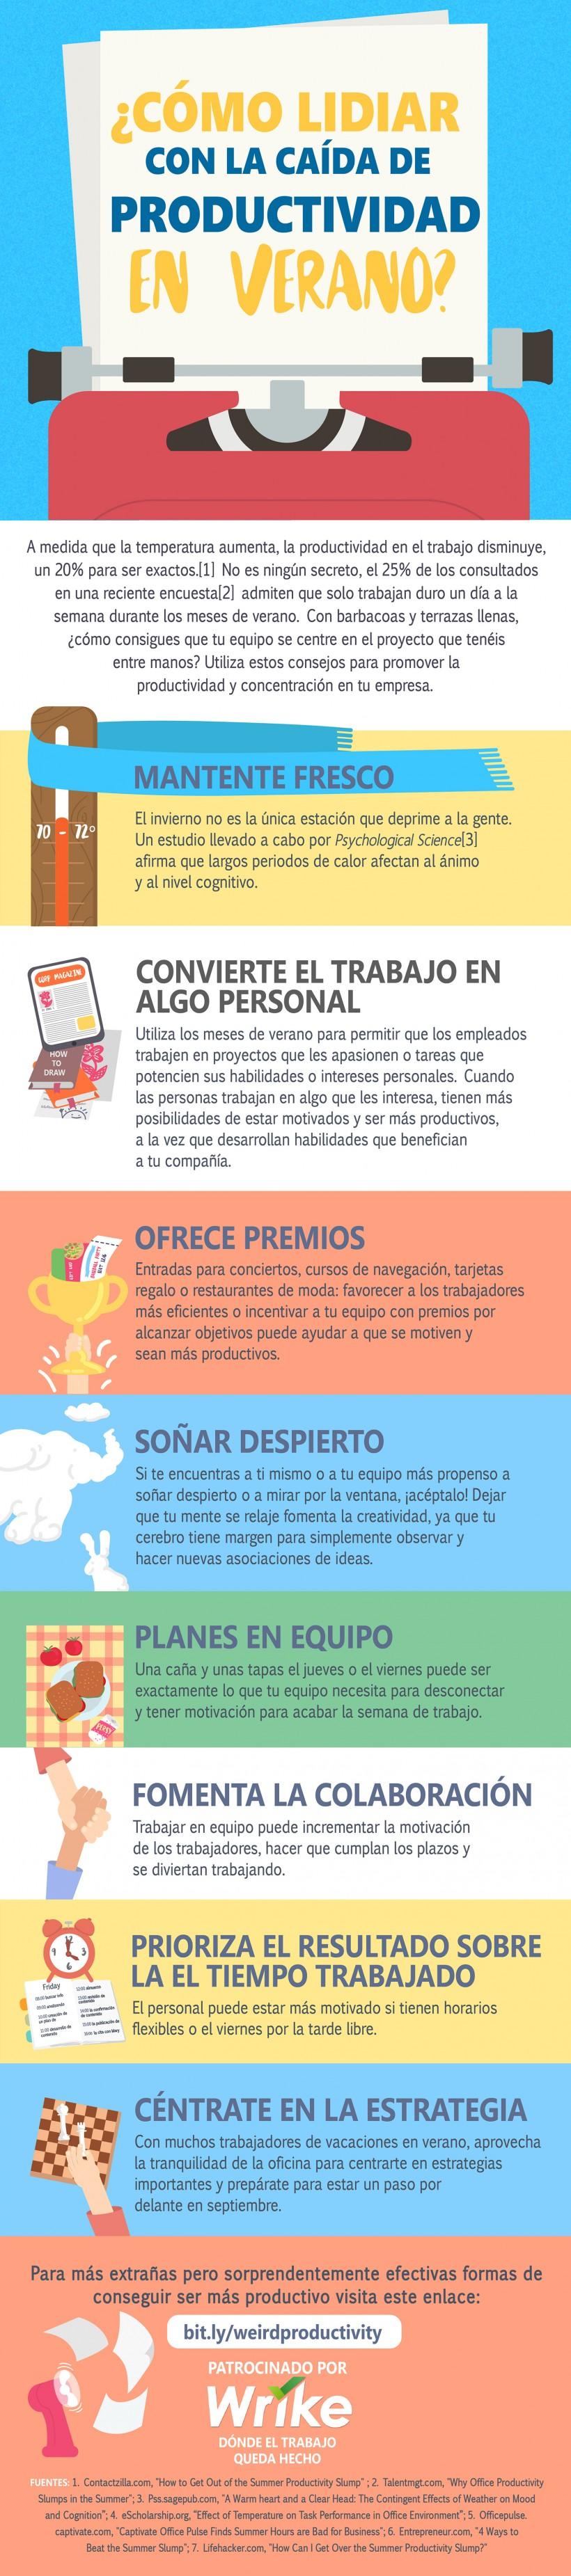 productividad-en-verano-infografia